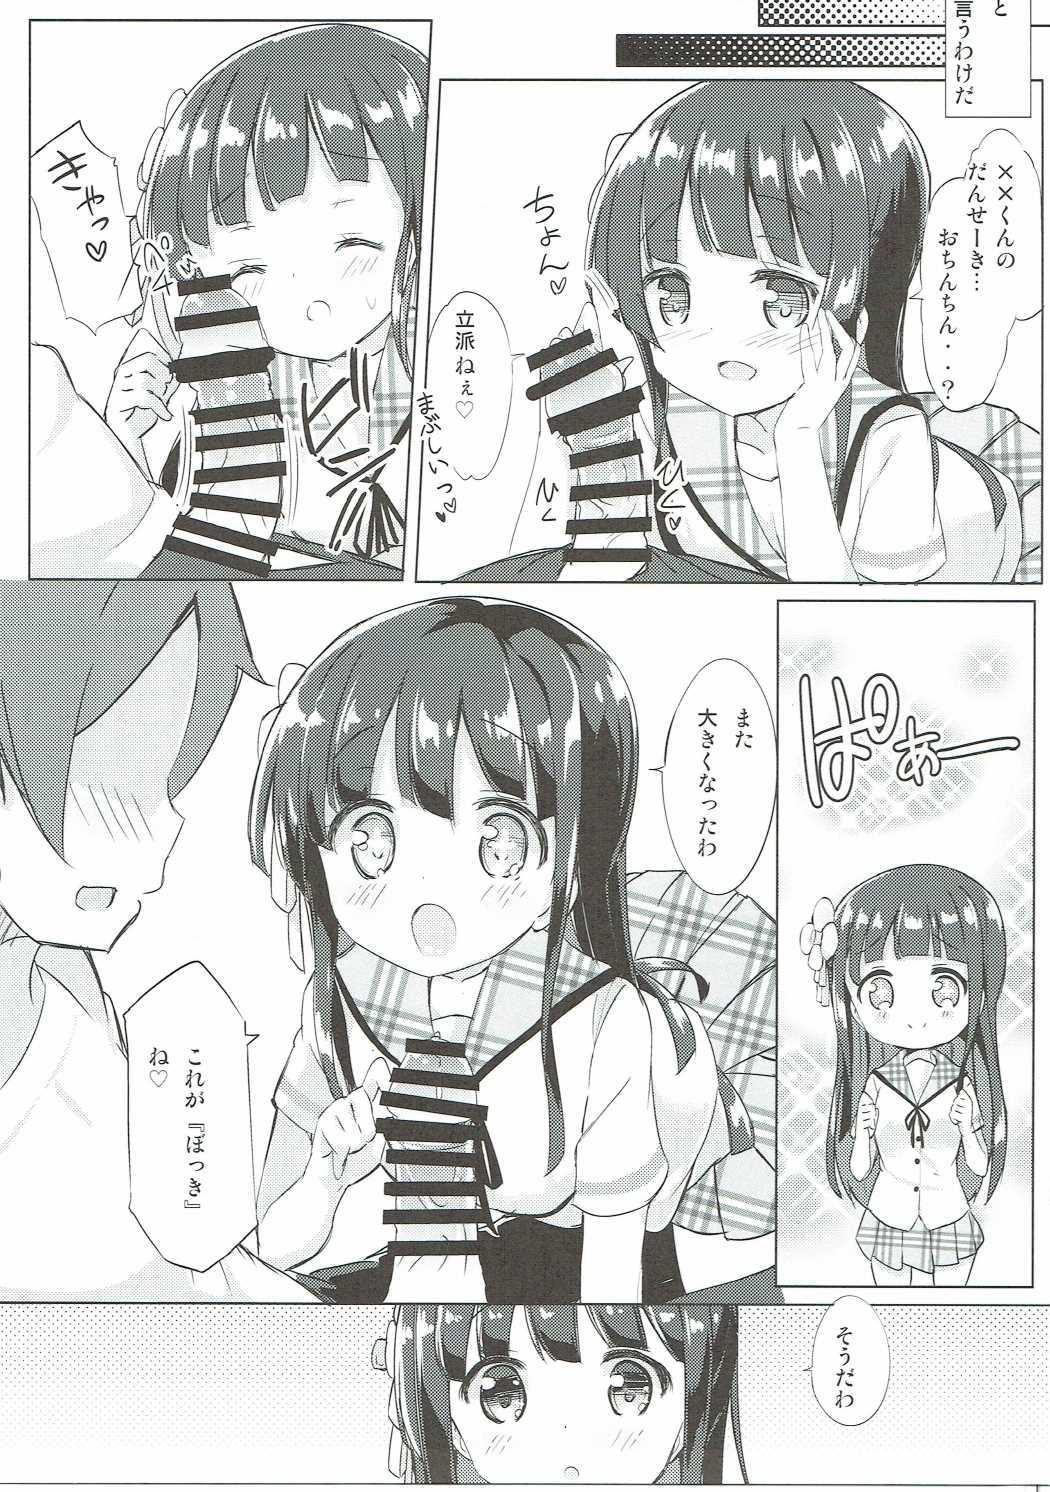 Chiya-chan to Hoken Taiiku 5